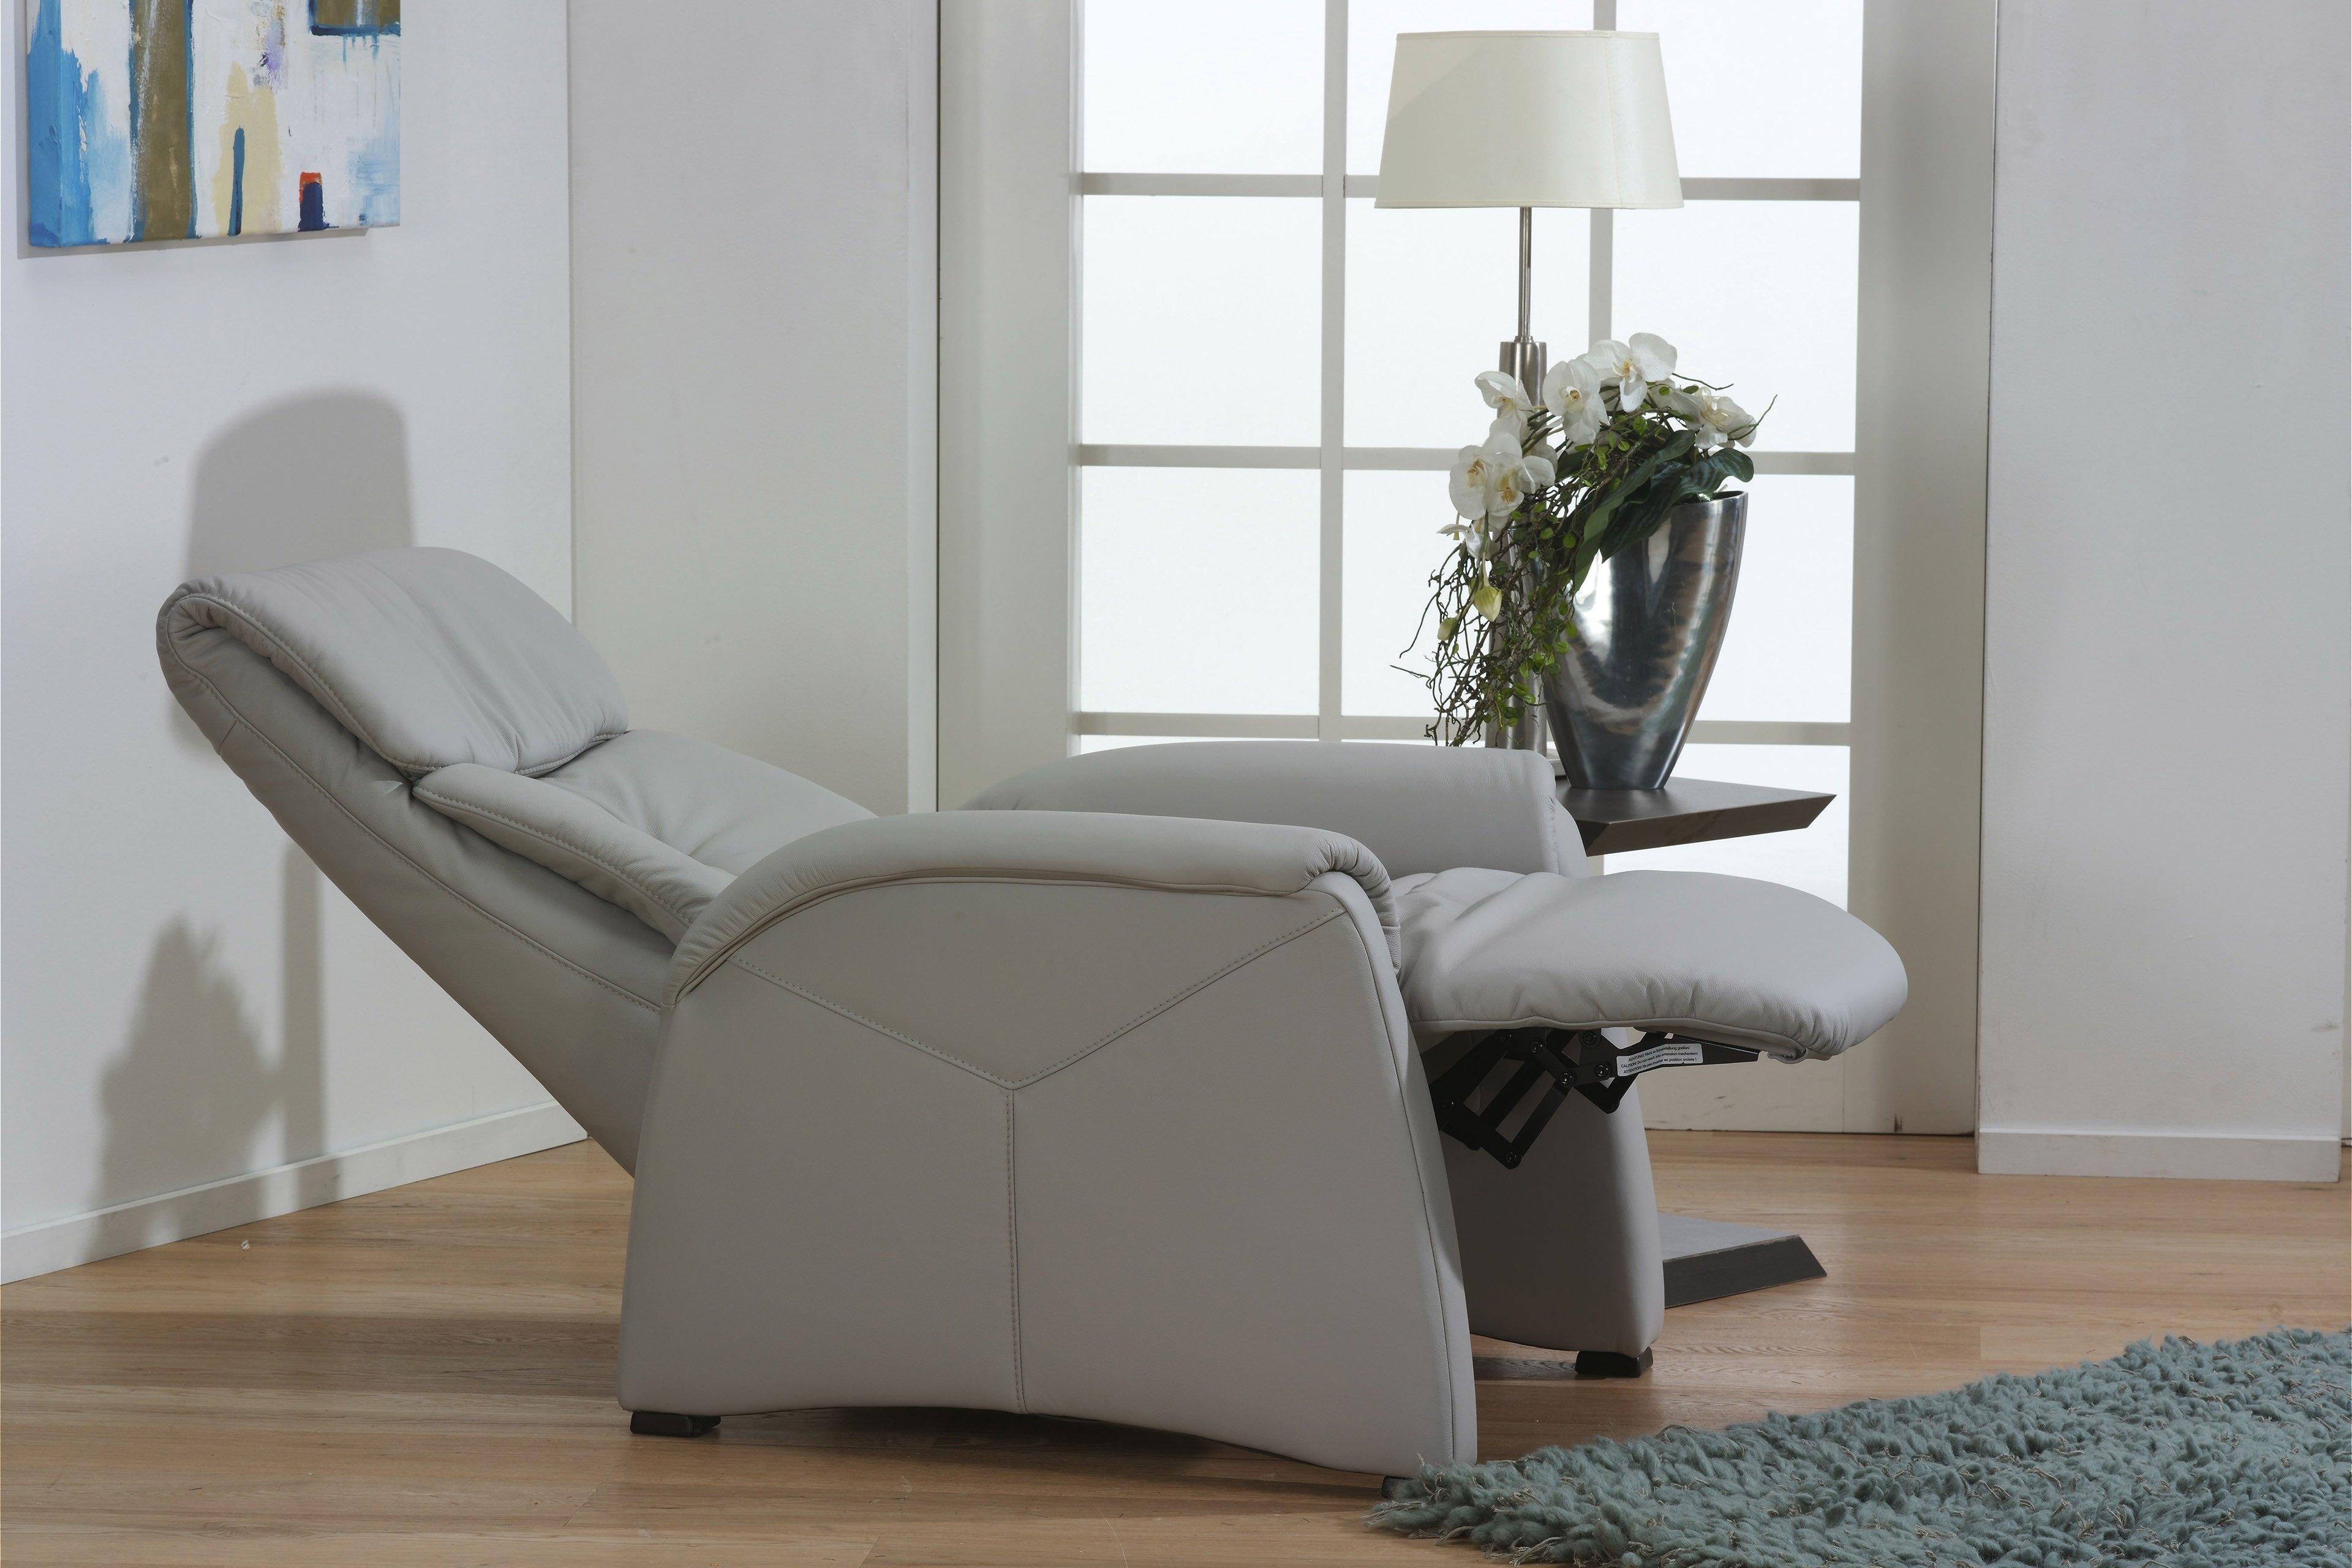 himolla 7978 funktionssessel grau m bel letz ihr. Black Bedroom Furniture Sets. Home Design Ideas